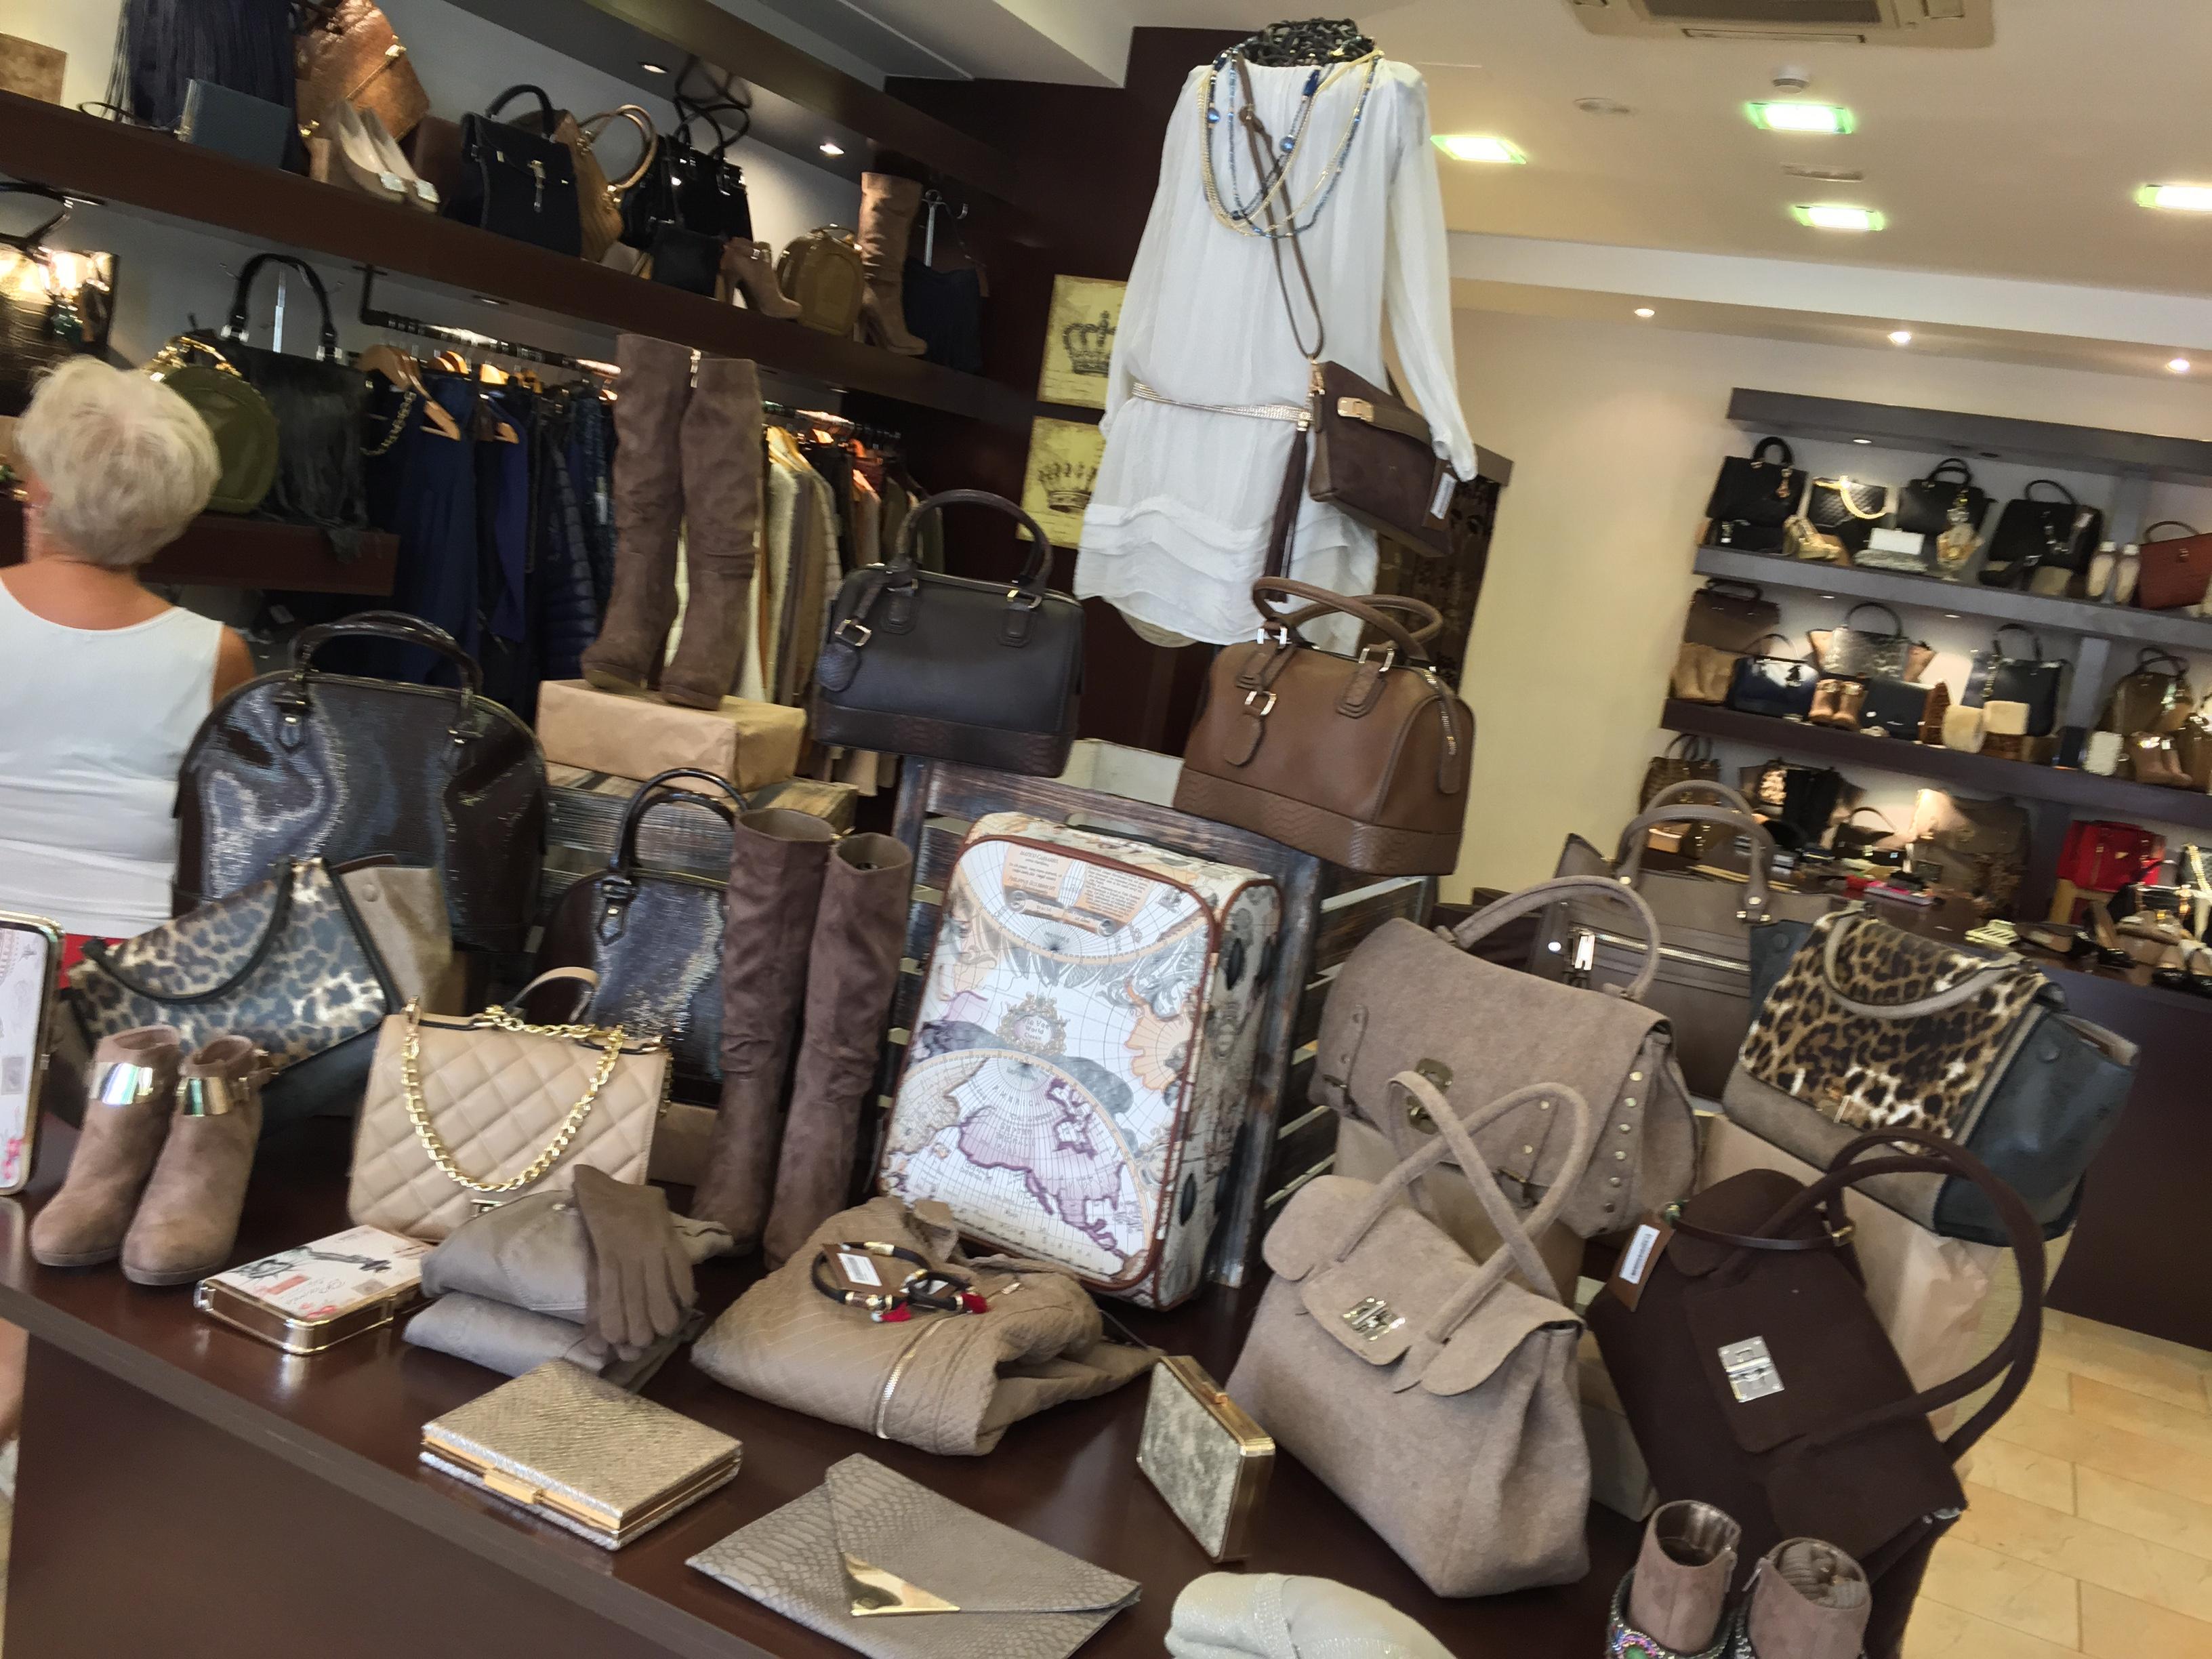 Top Queens aumenta sus ventas de productos en Latinoamérica a través de Facebook